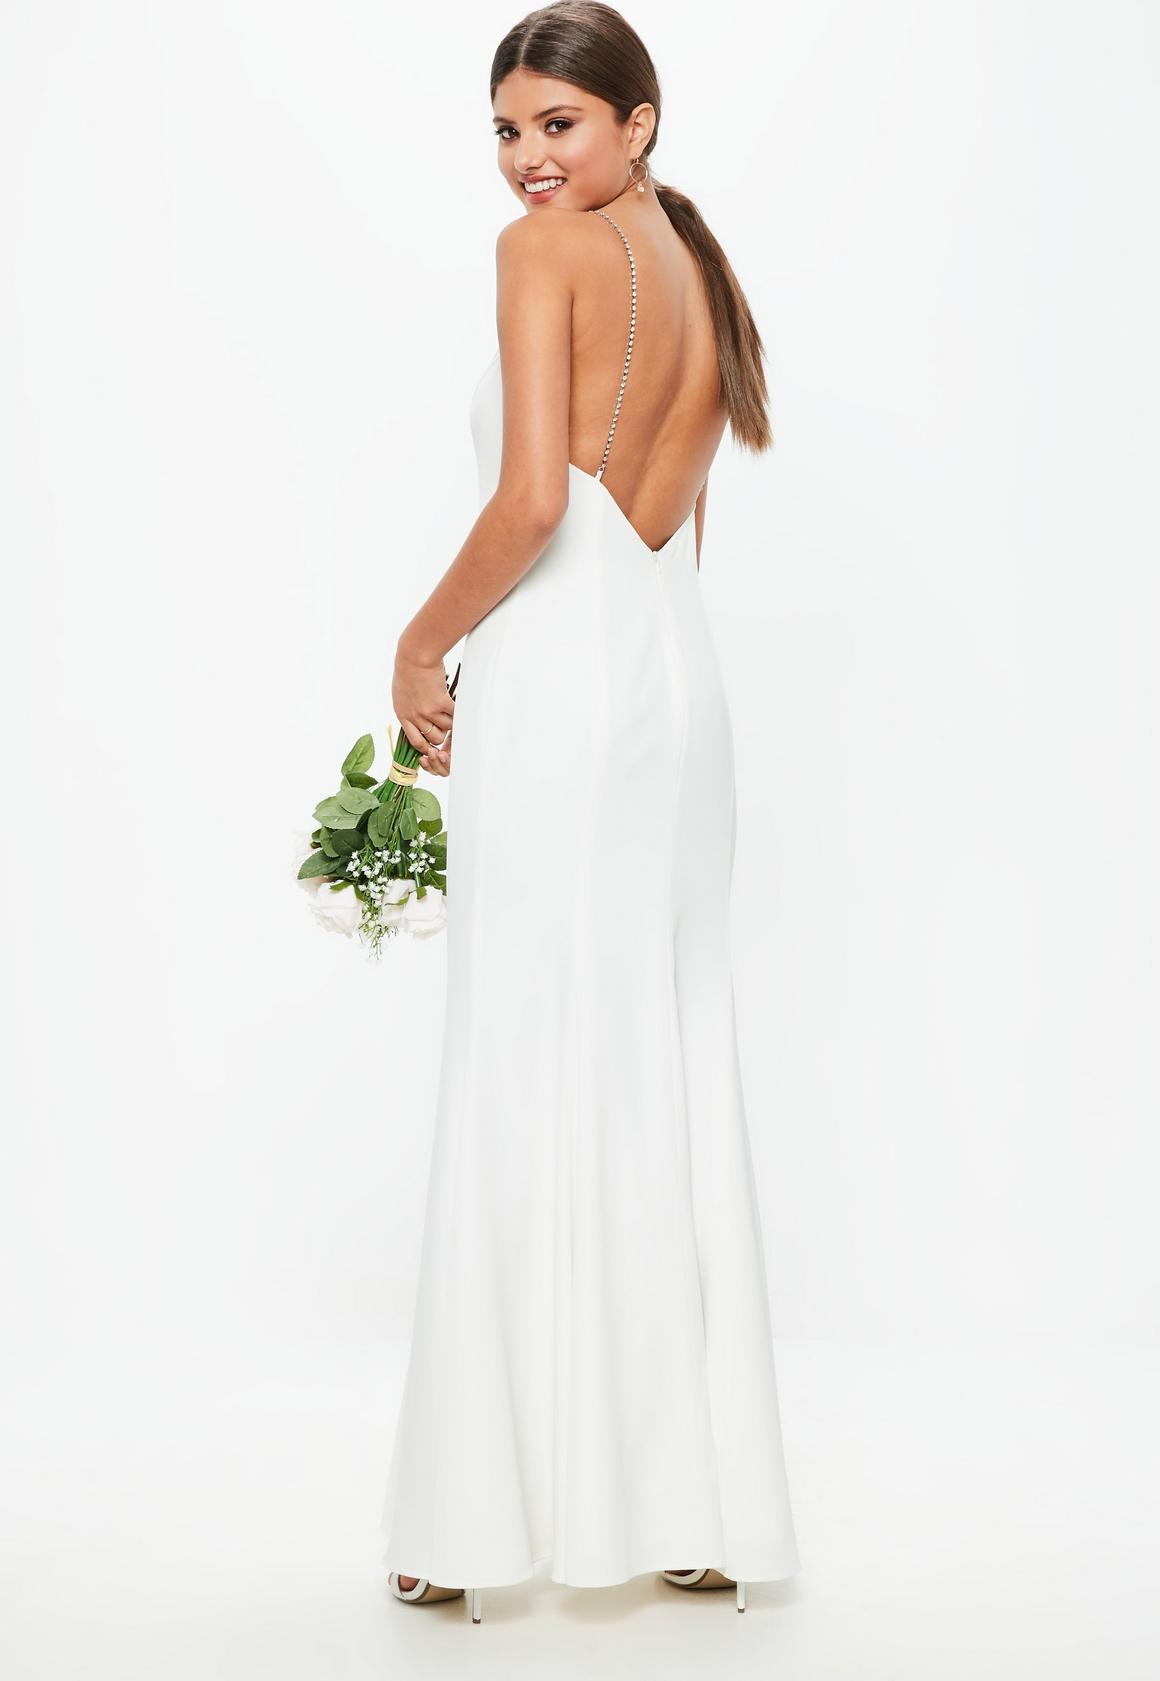 Weißes Maxi-Hochzeitskleid mit Strass-Trägern | Missguided